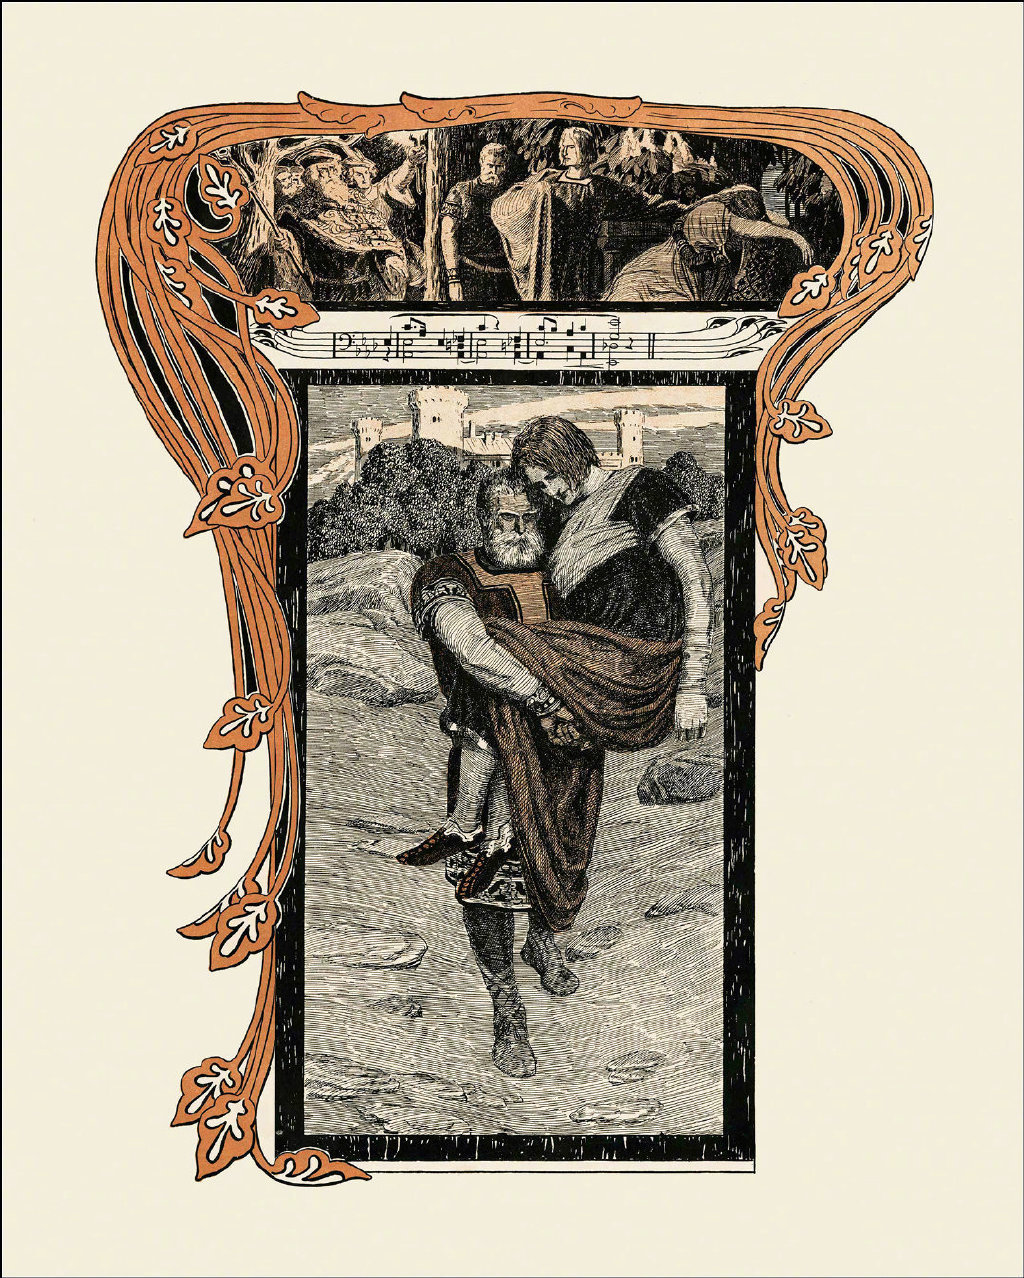 19世纪插画家Franz Stassen为浪漫主义音乐大师瓦格纳的歌剧《特里斯